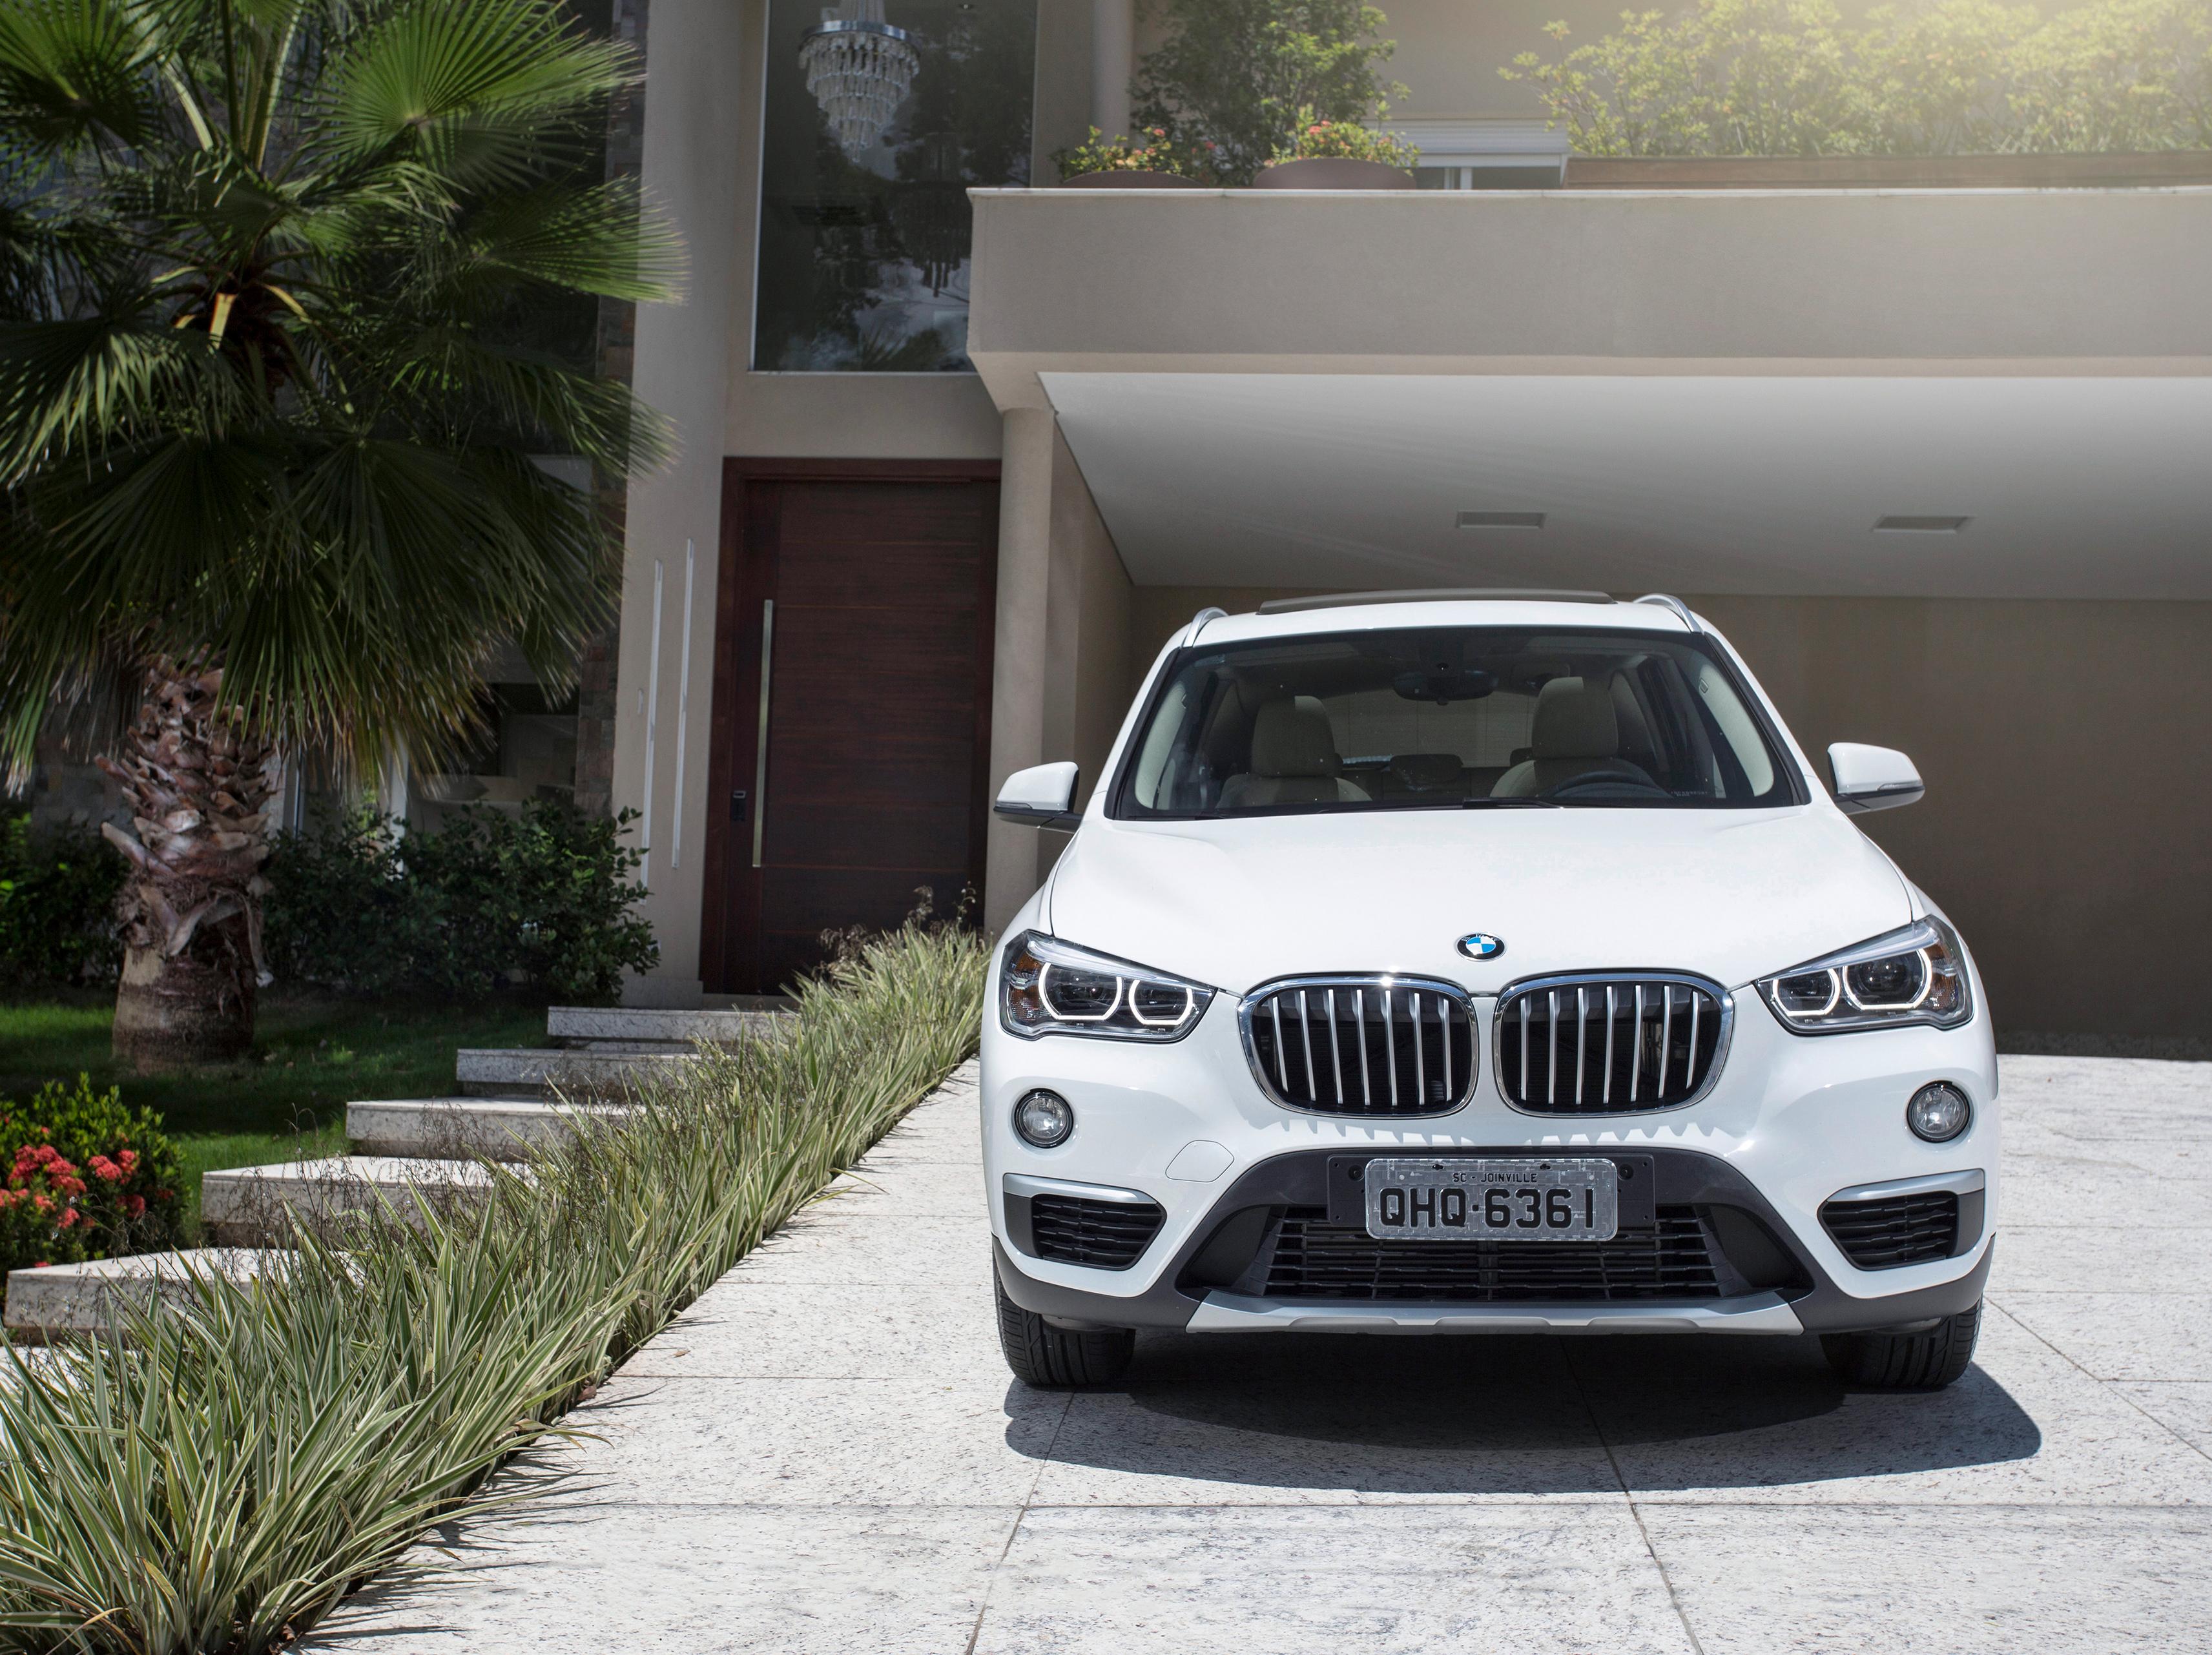 BMW X1 2019 [BMW Group]